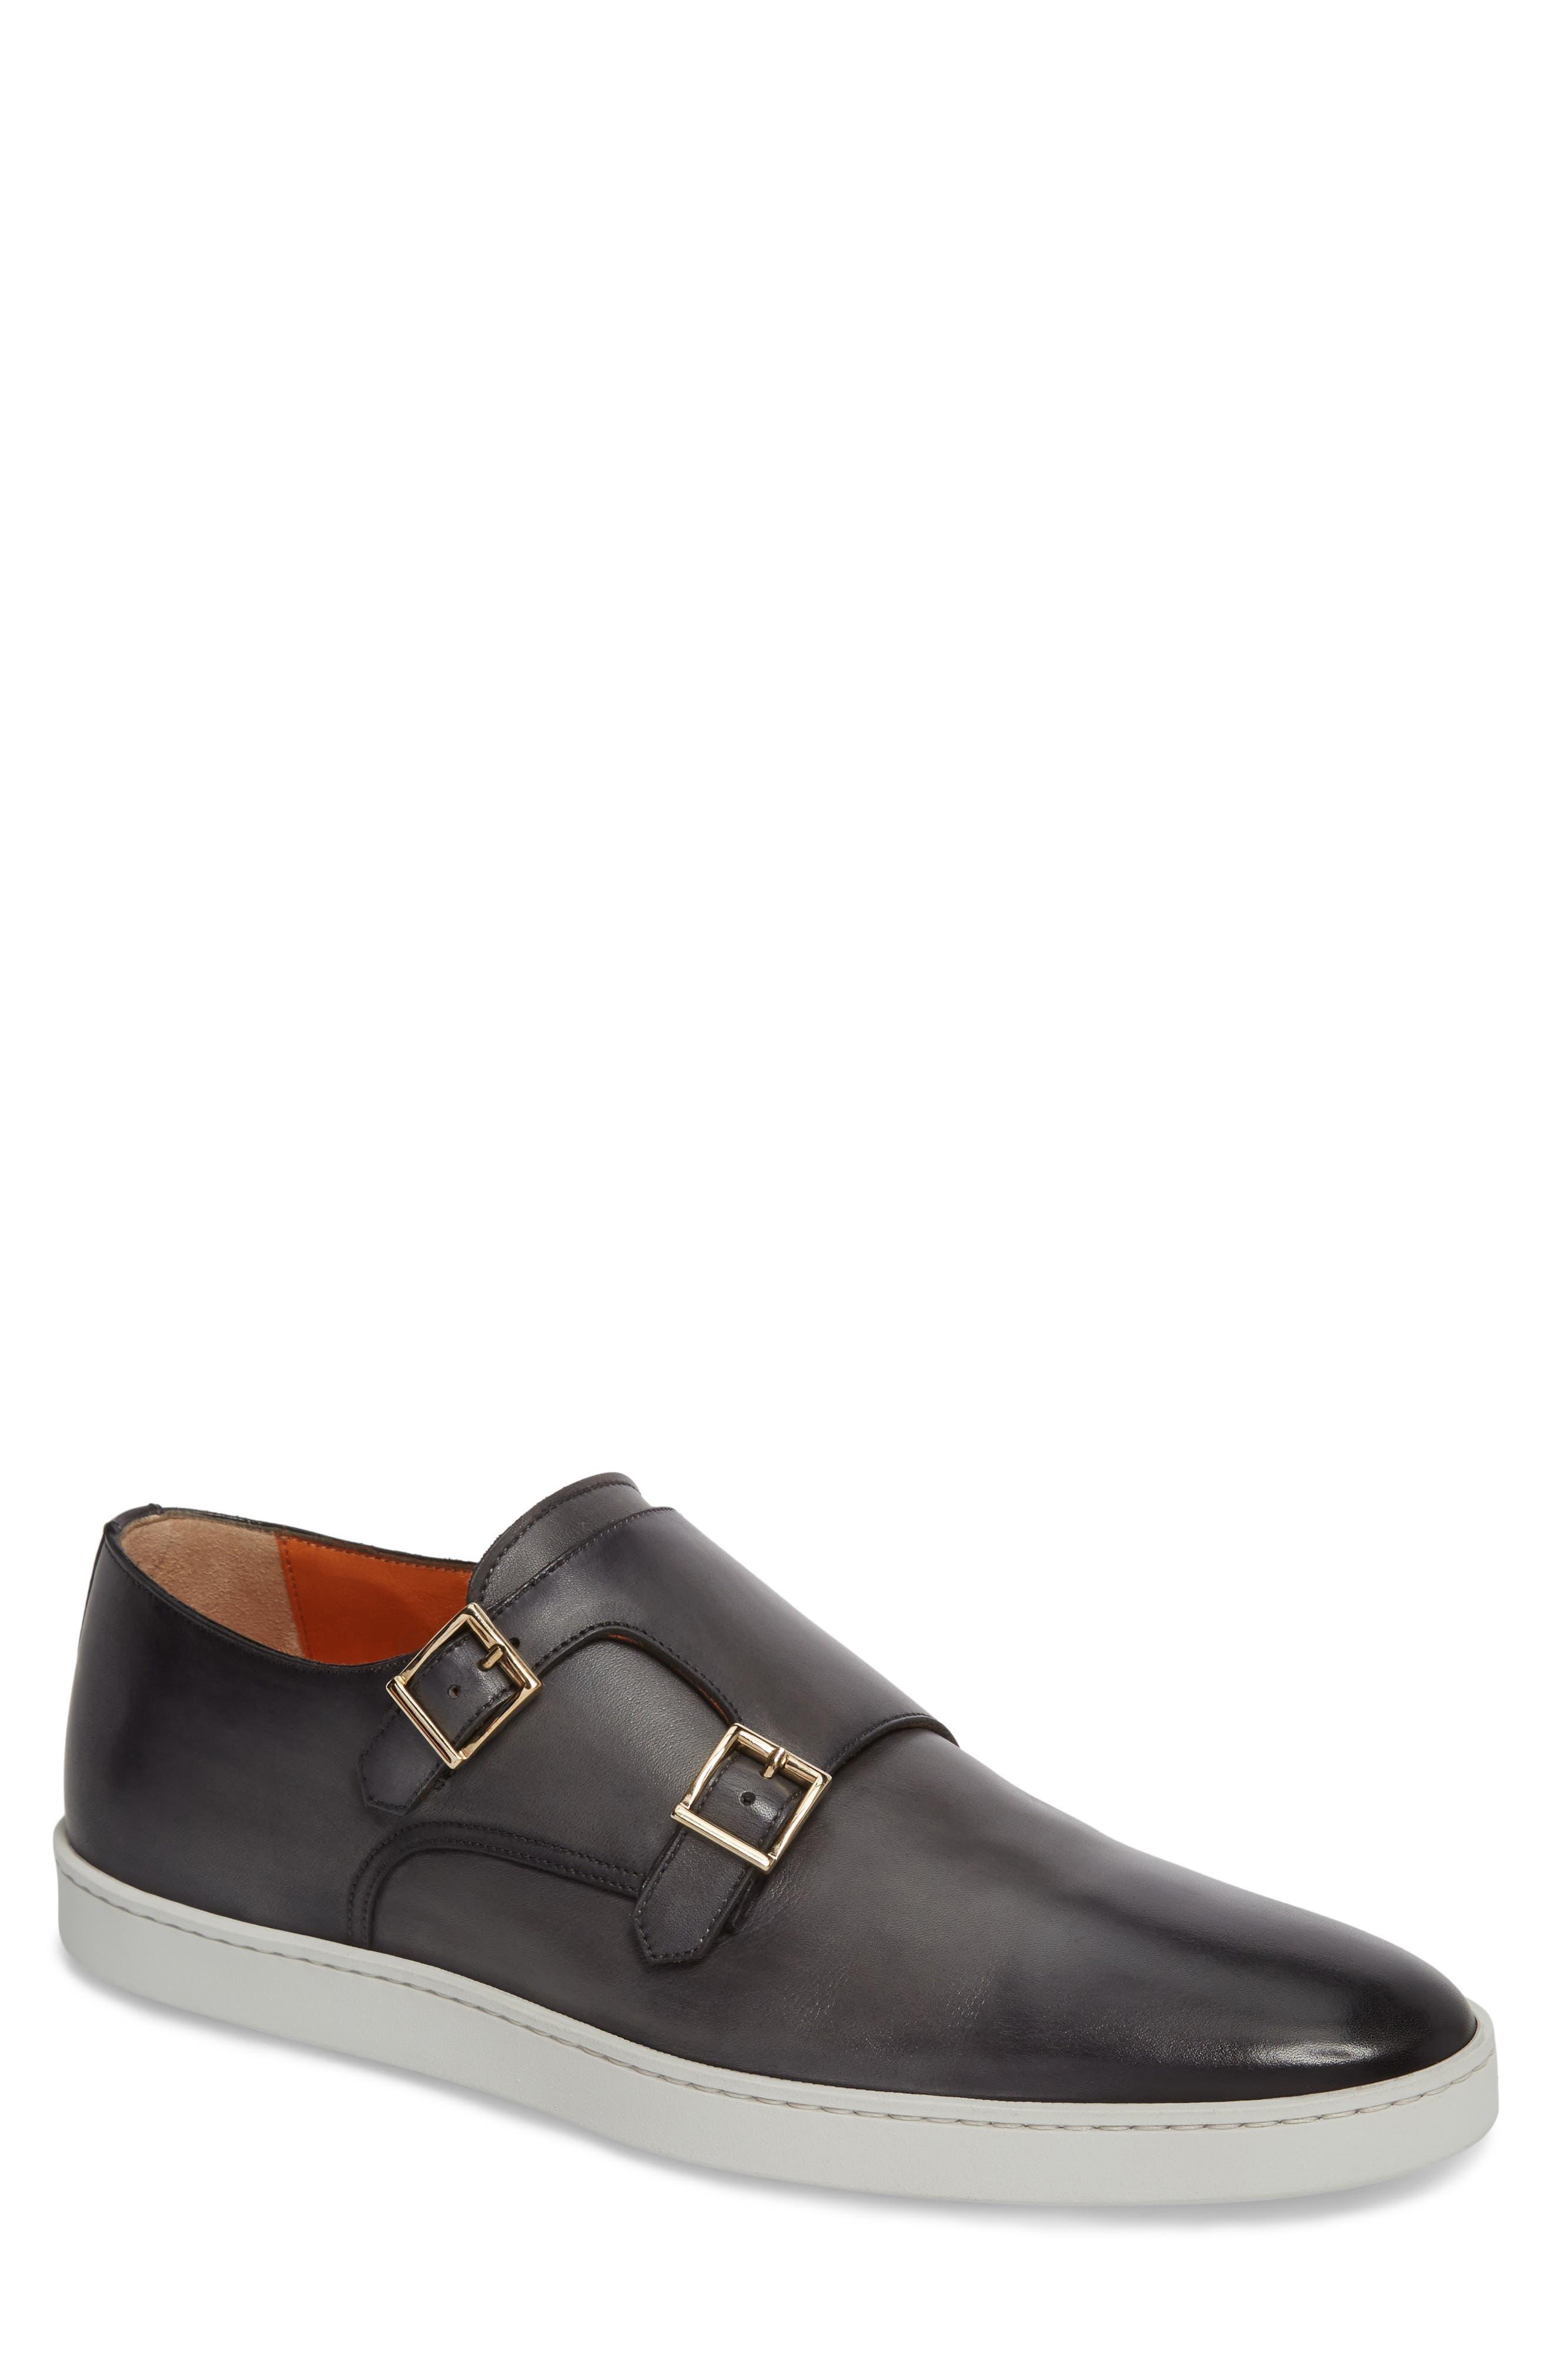 Freemont Double Monk Strap Shoe,                             Main thumbnail 1, color,                             GREY